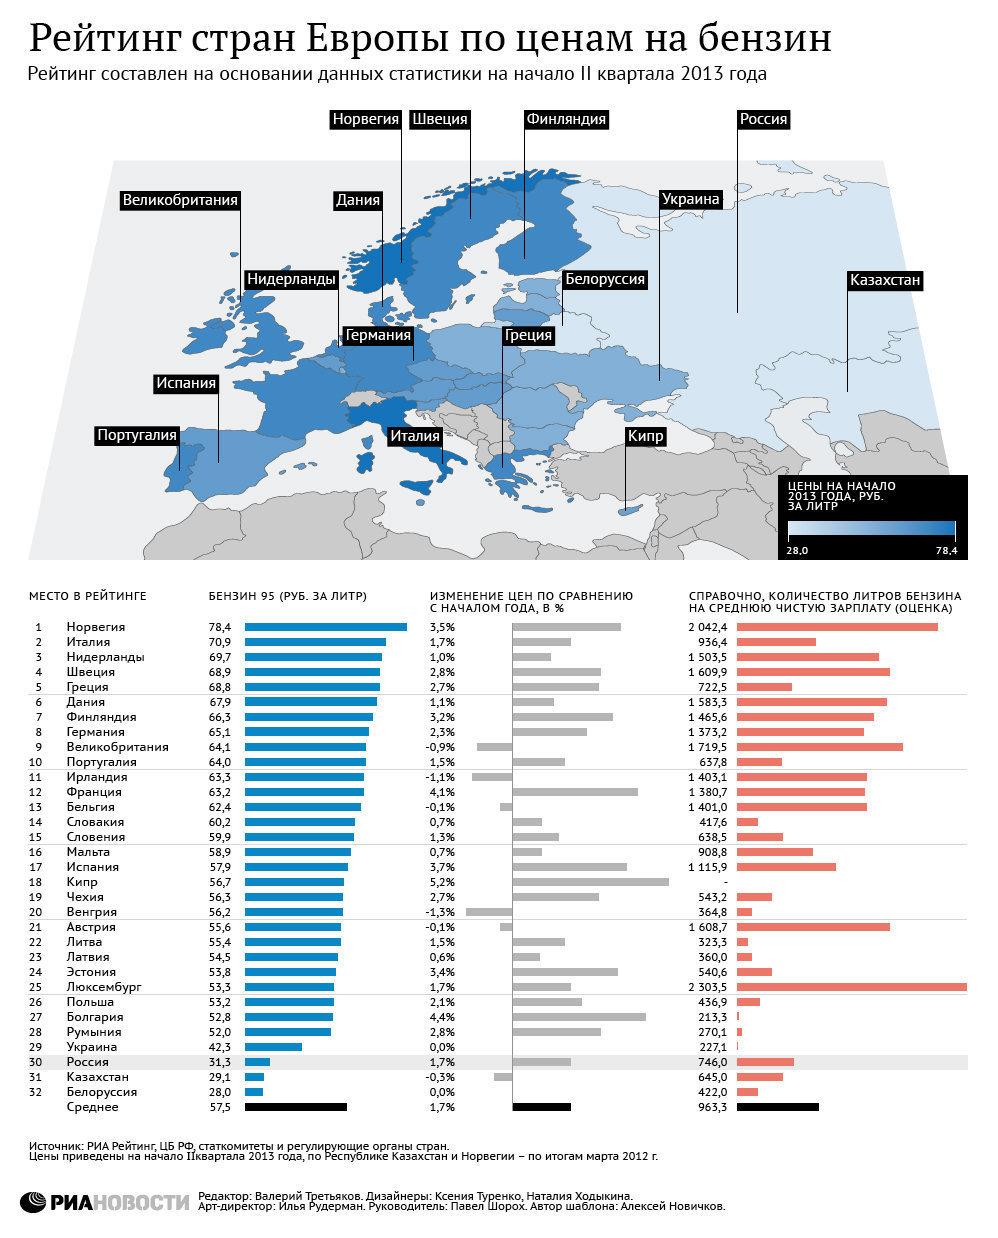 Стоимость бензина в различных странах